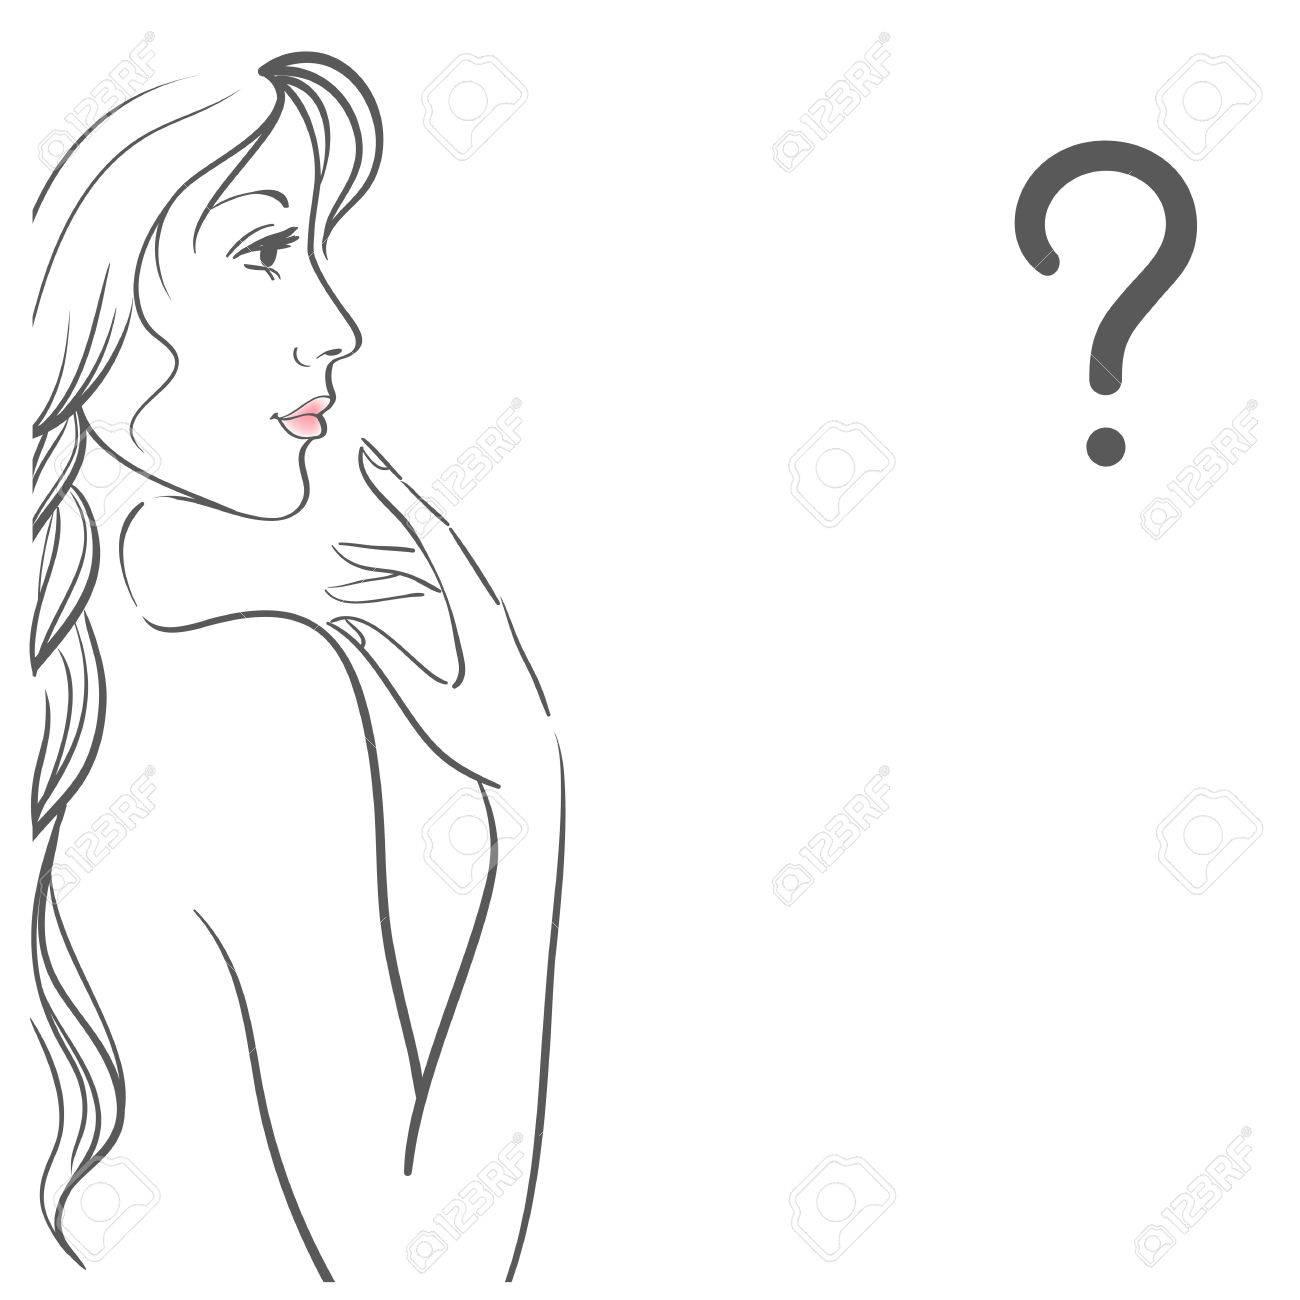 Jeune Femme à La Question Isolé Sur Fond Blanc Outline Dessin Profil Femelle